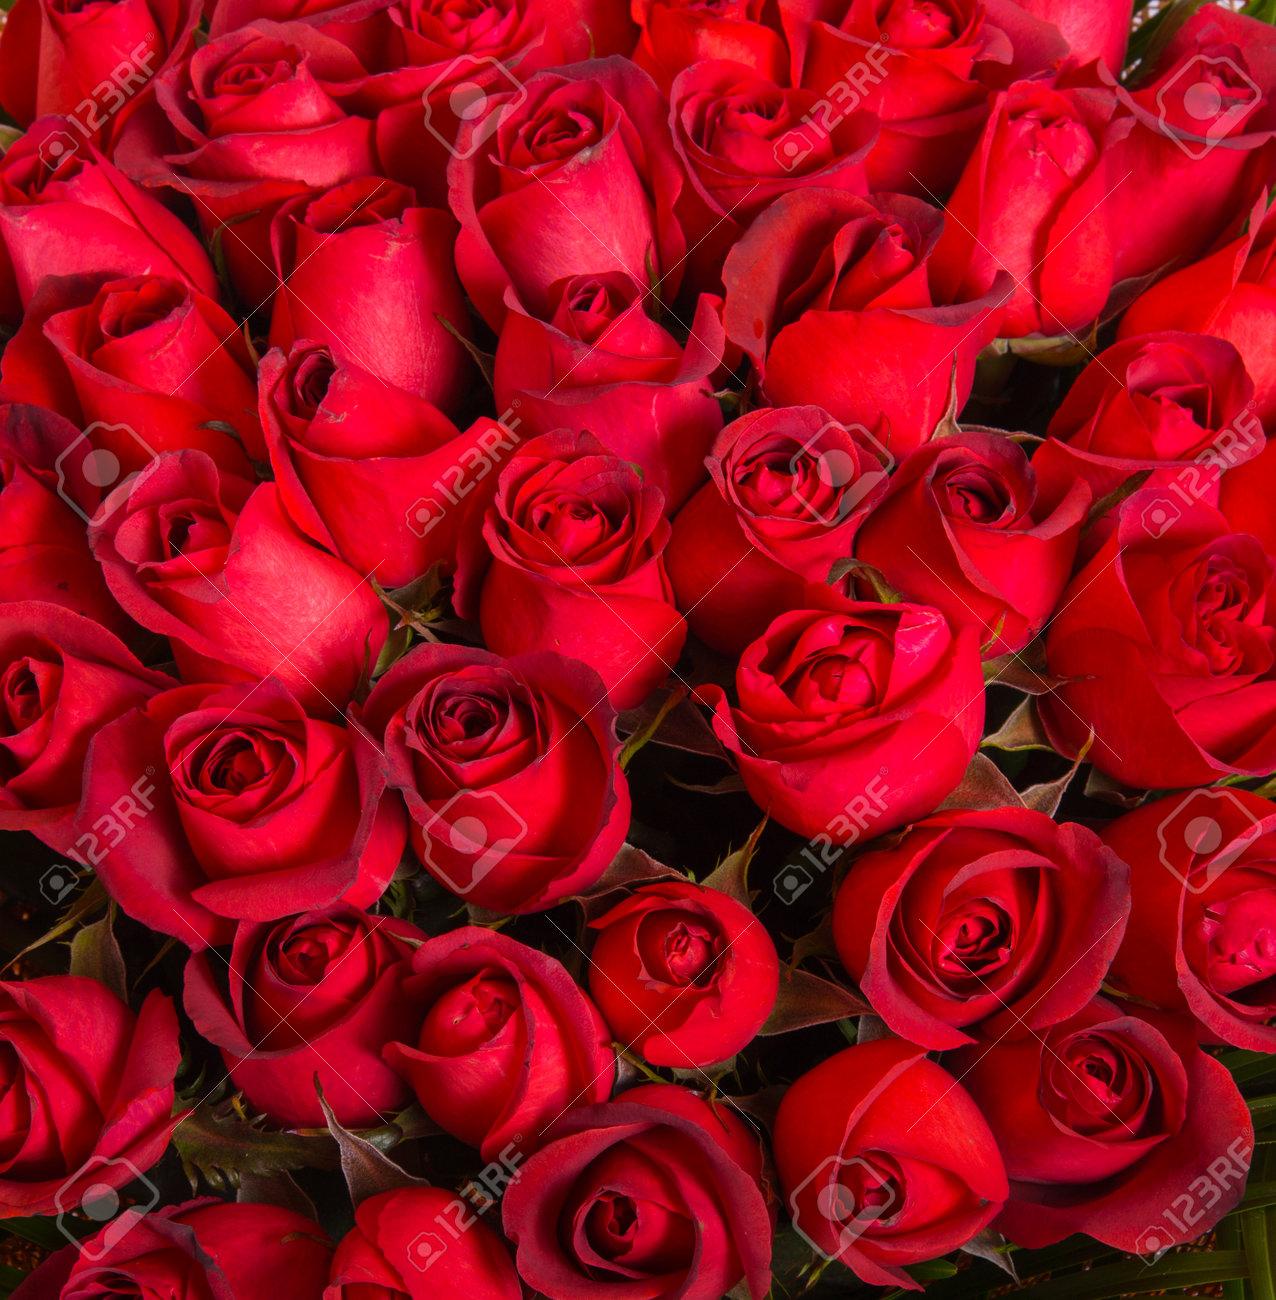 Un Montón Rosas Rojas Naturales De Fondo Fotos Retratos Imágenes